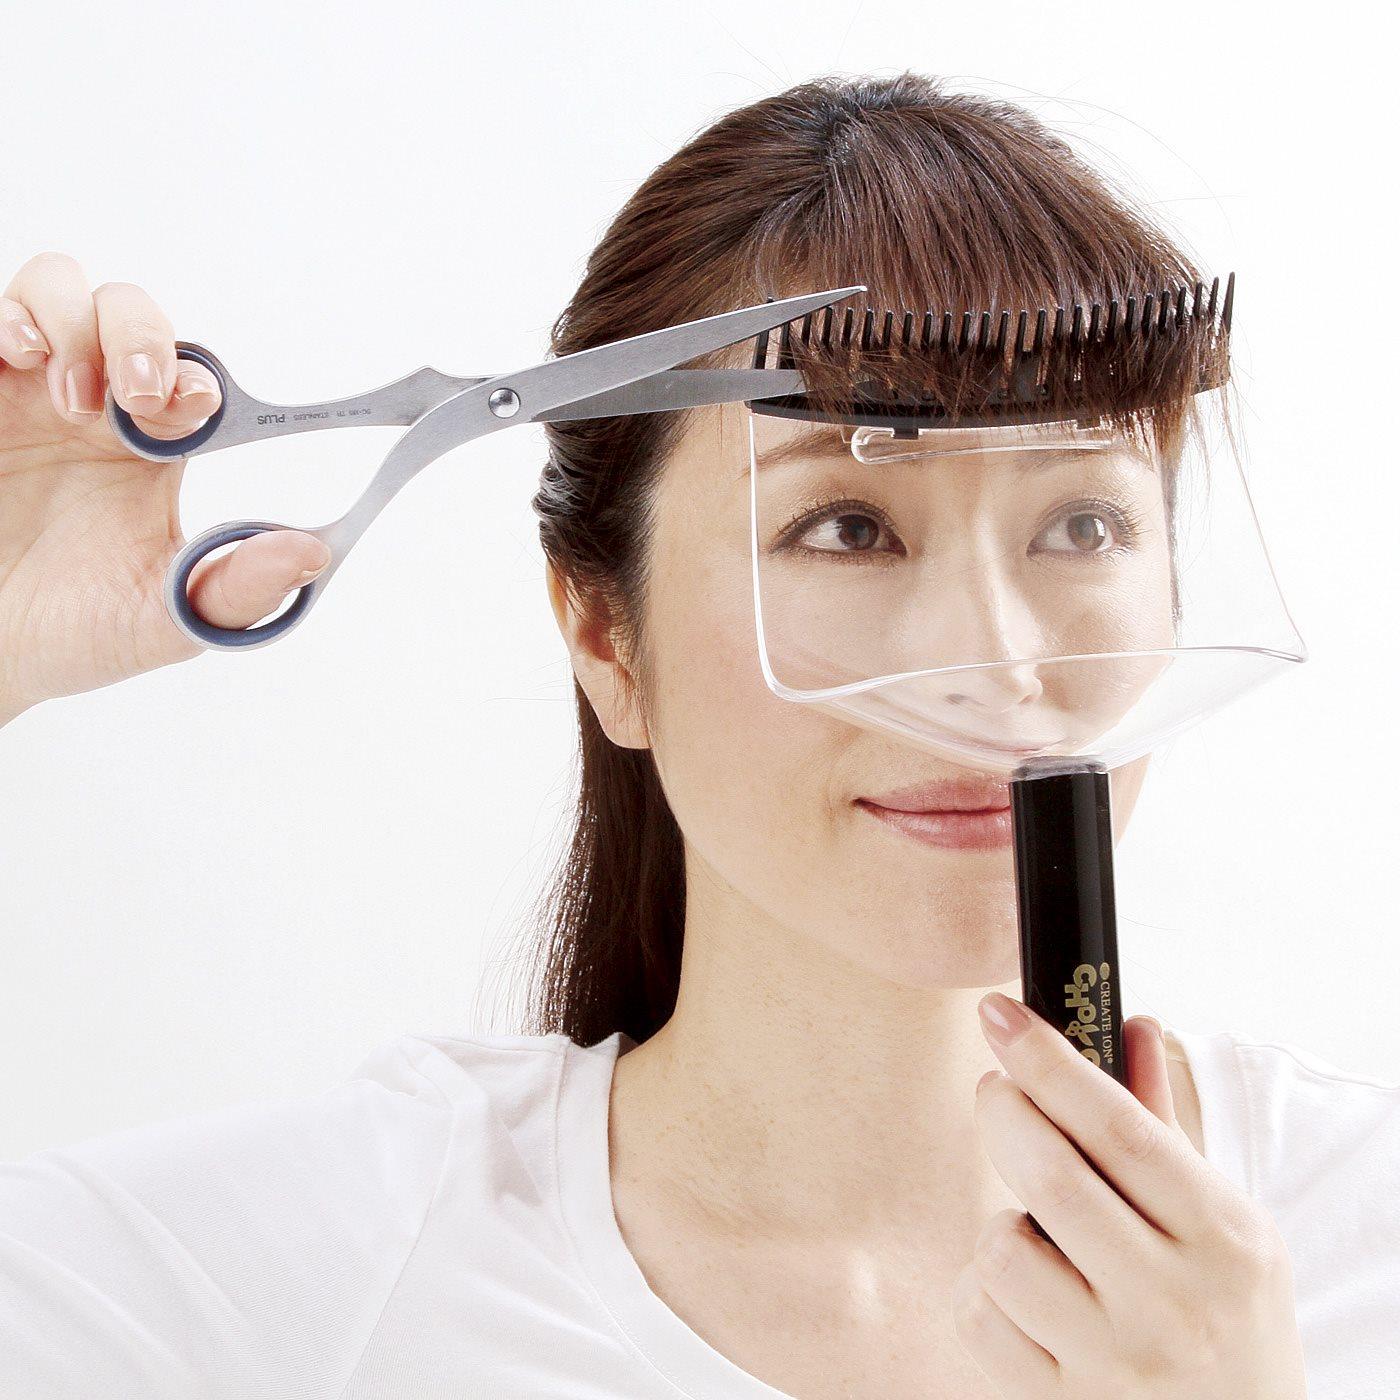 フェリシモ 後片づけ簡単 絶妙セルフカット 前髪専用カットサポーター